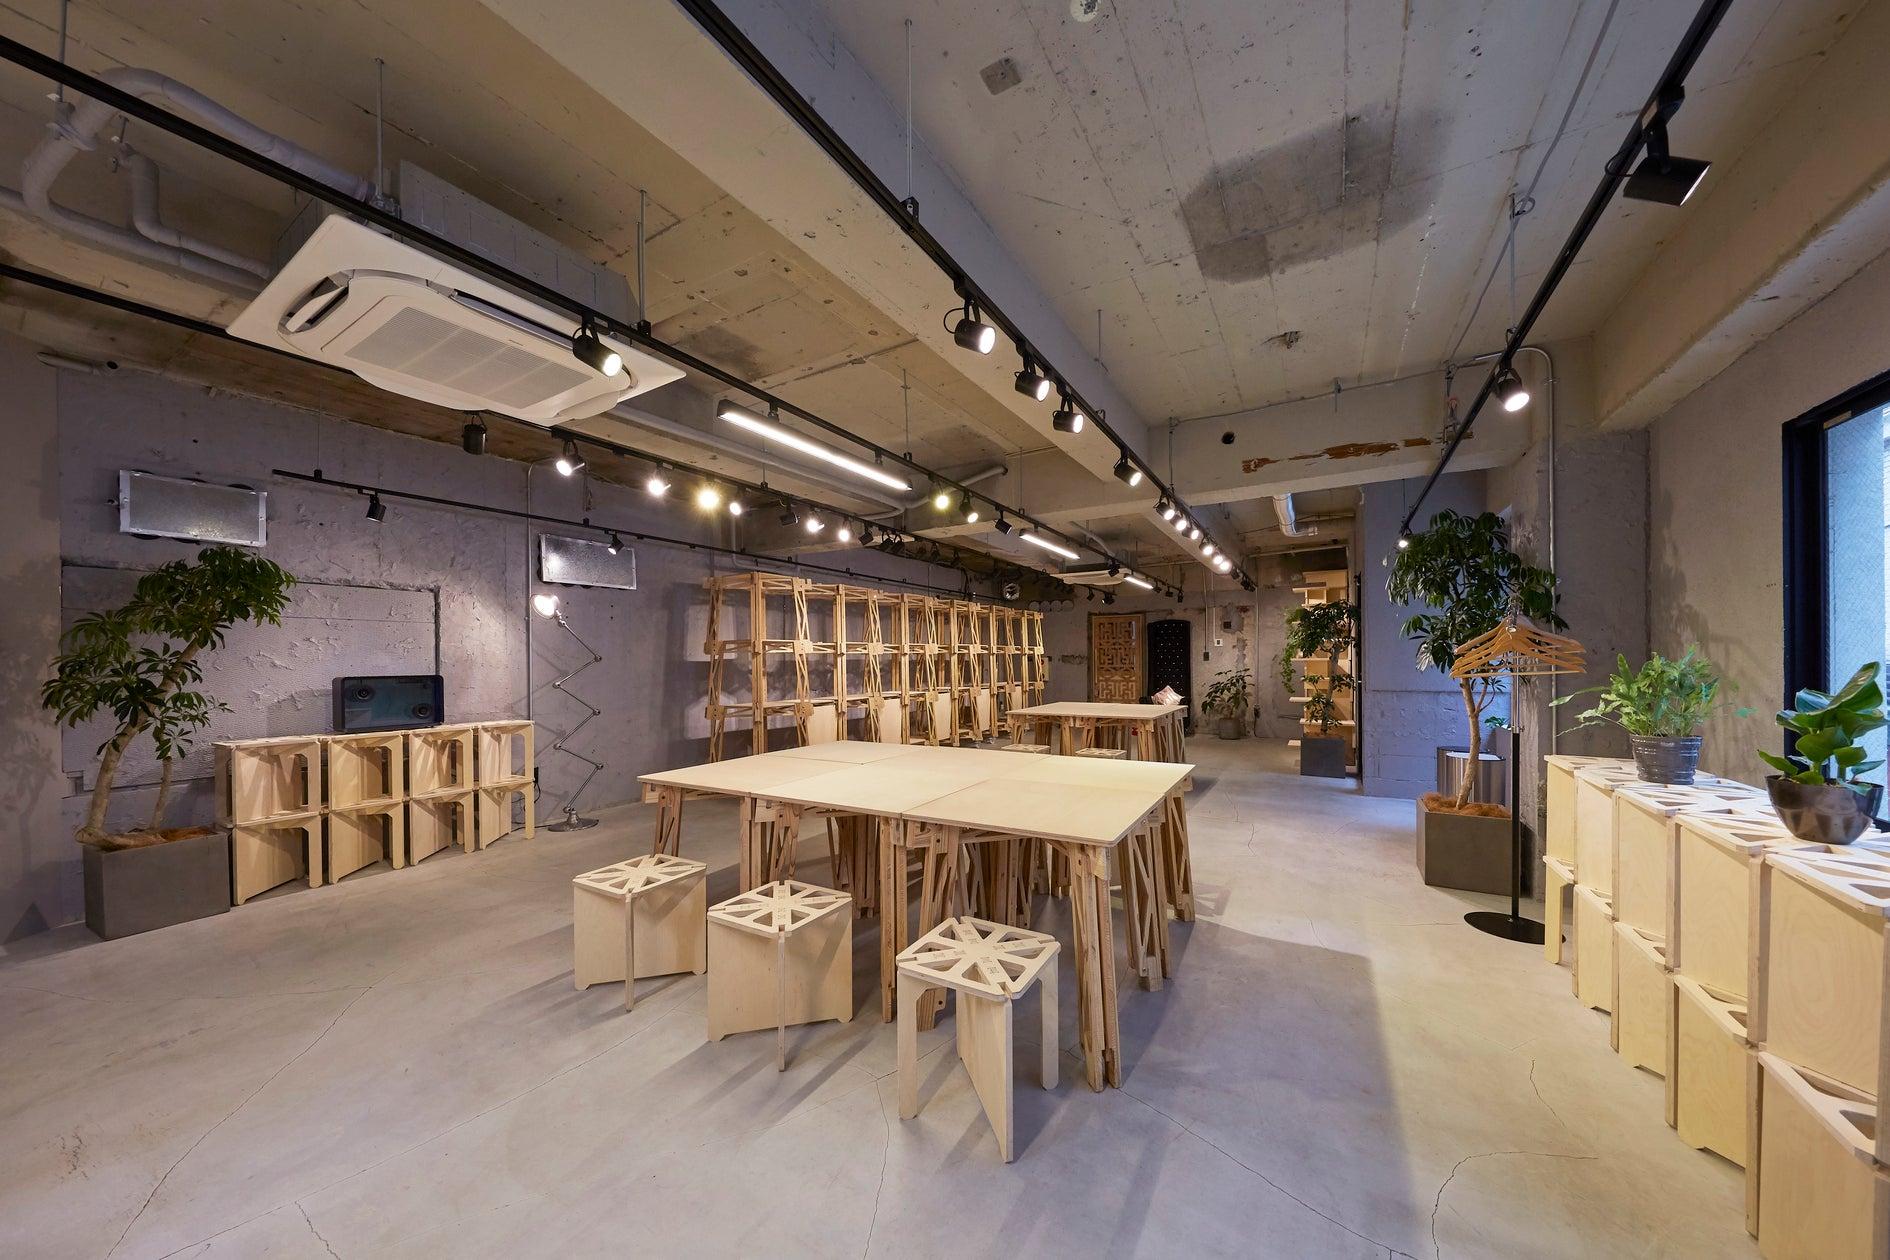 室内は床、壁共にコンクリートで統一、椅子、テーブルも特注のものをご用意しております。